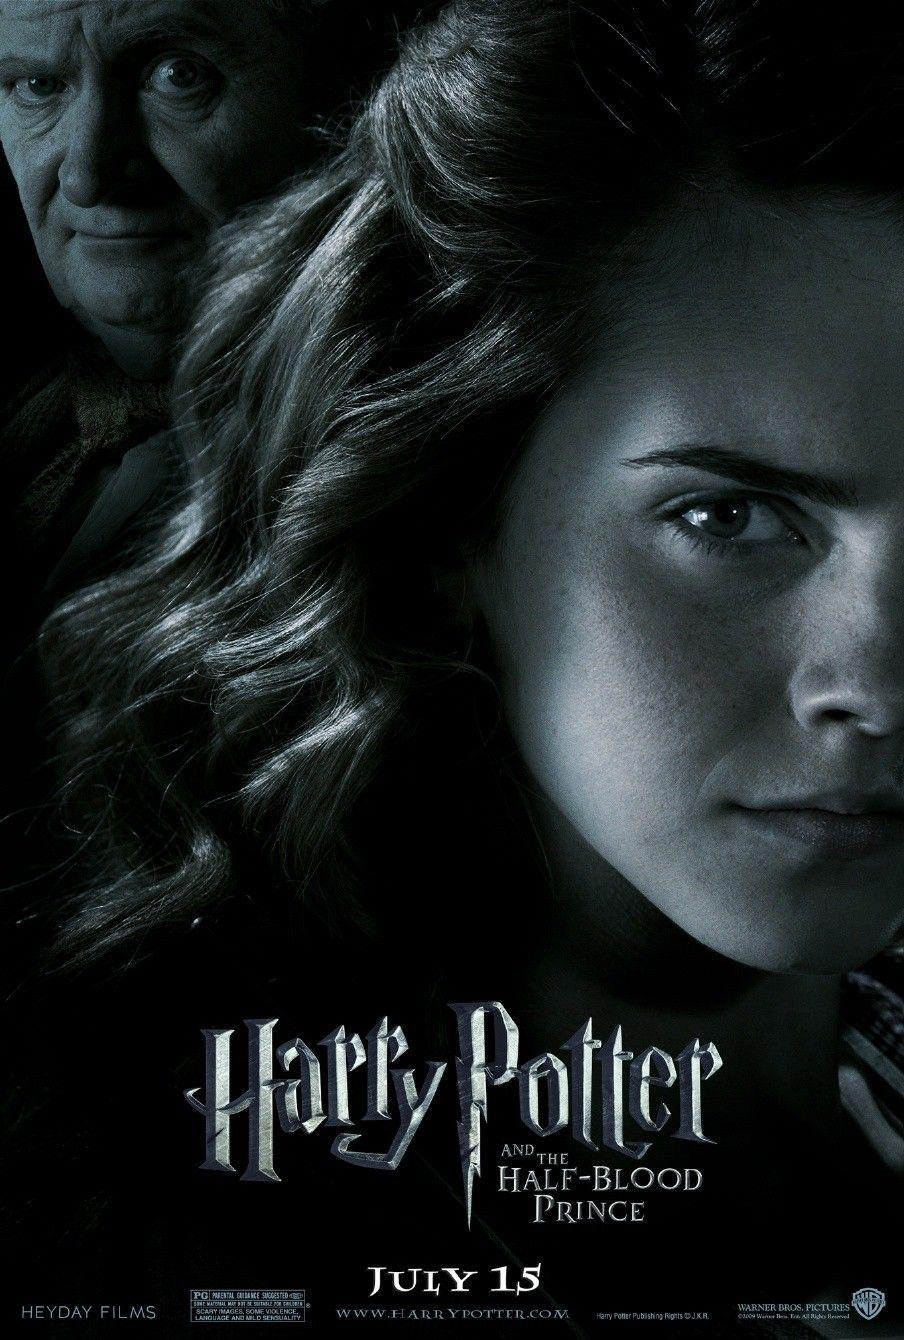 emma watson in harry potter 6